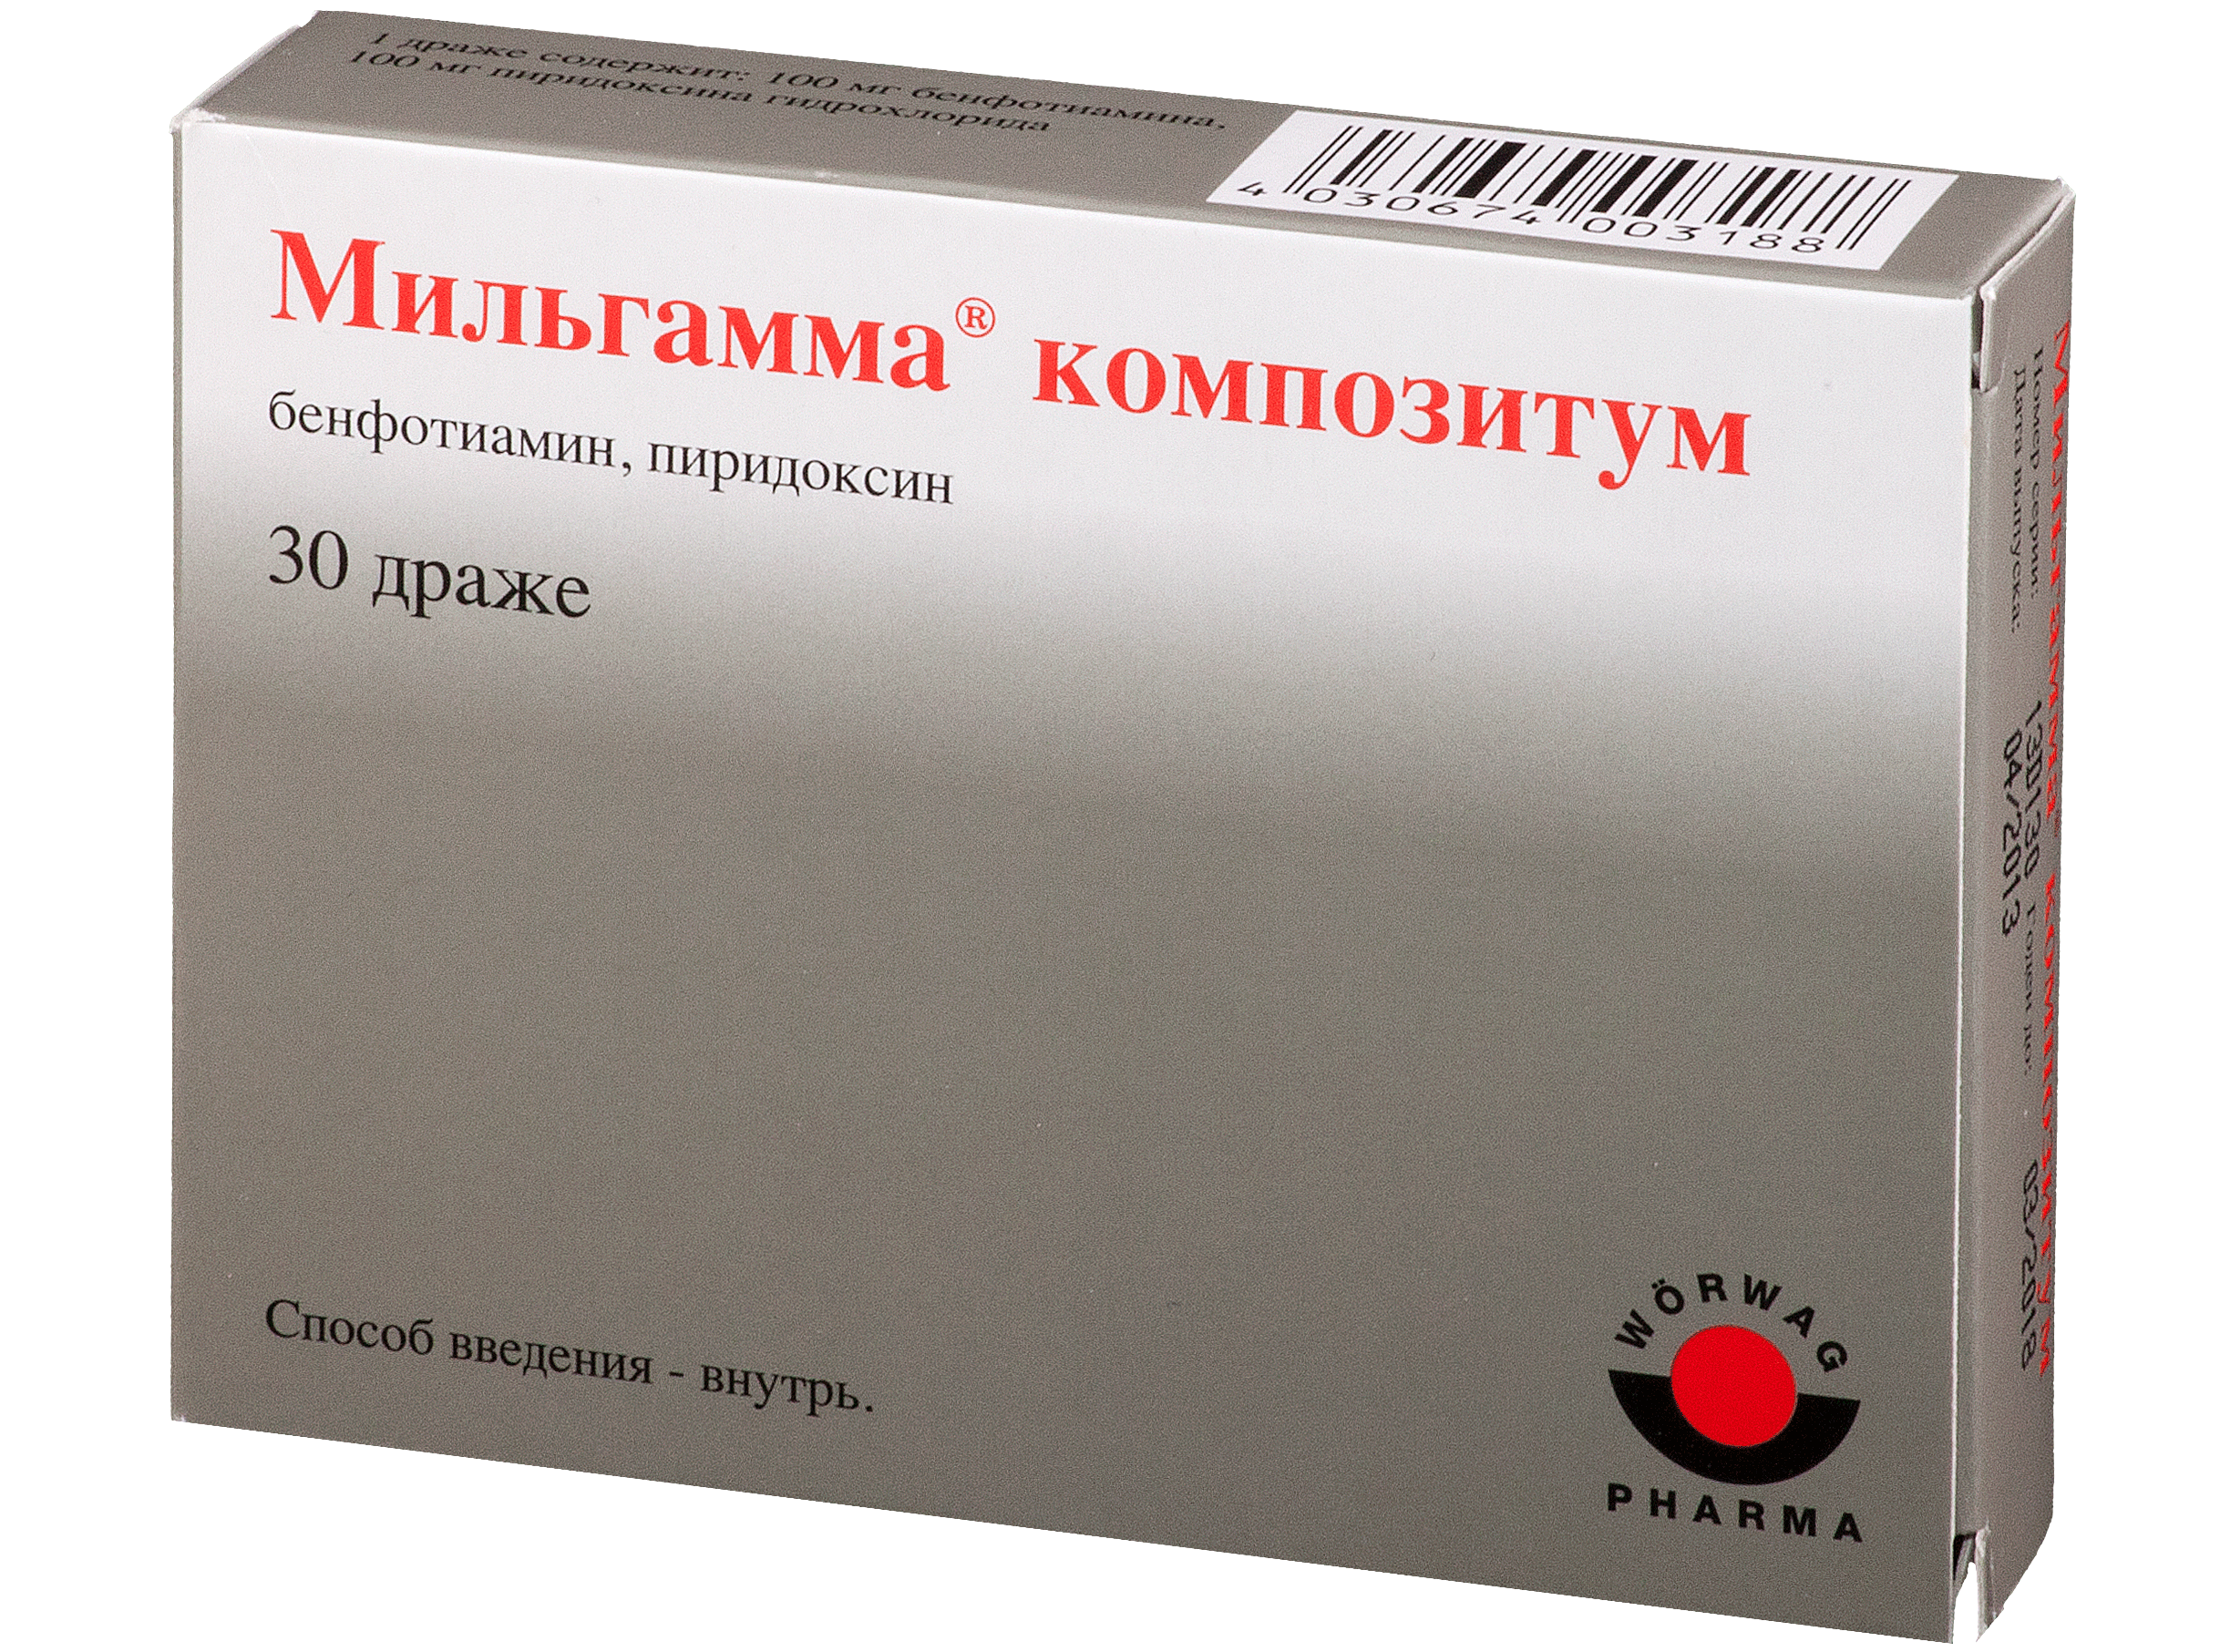 Отзывы об эффективности применения препарата Мильгамма